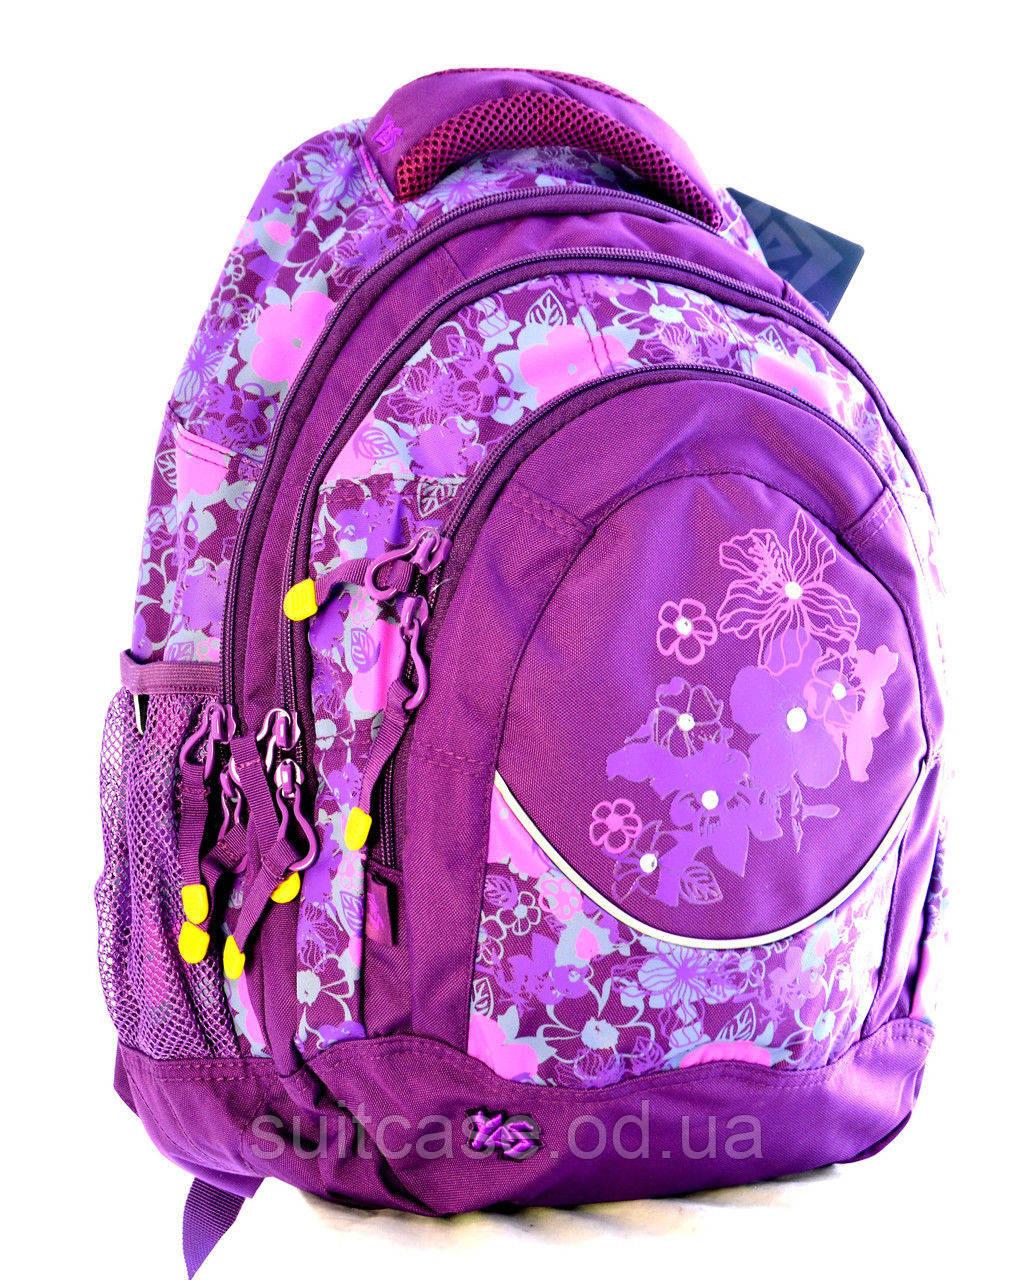 f71afd413d64 Школьный рюкзак 1 Вересня (551890) - Интернет-магазин